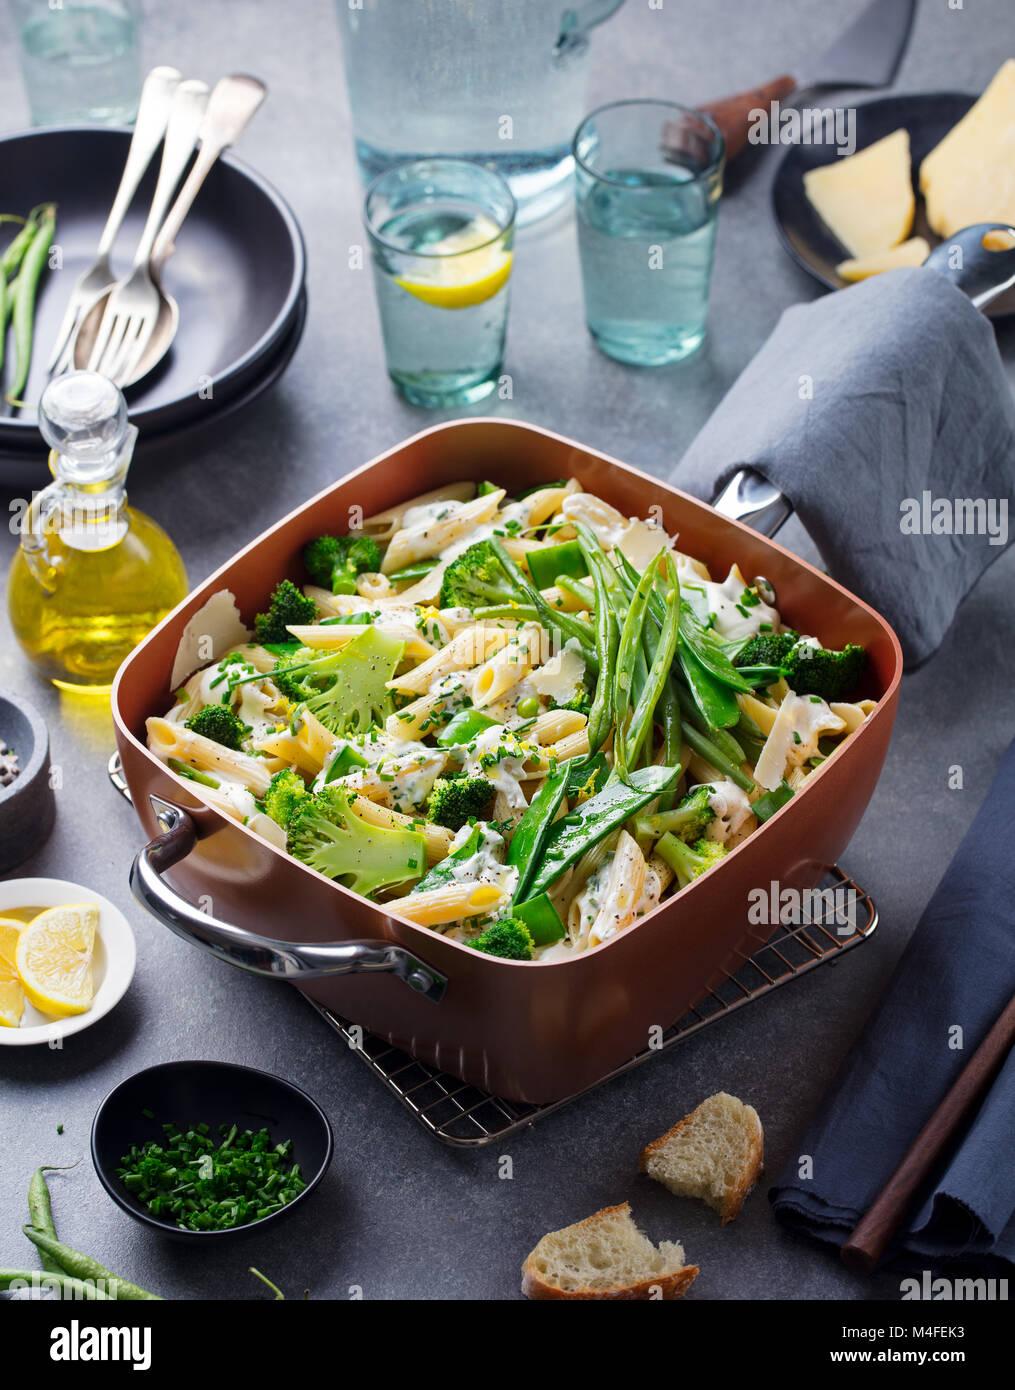 Pâtes aux légumes verts et sauce crémeuse Photo Stock